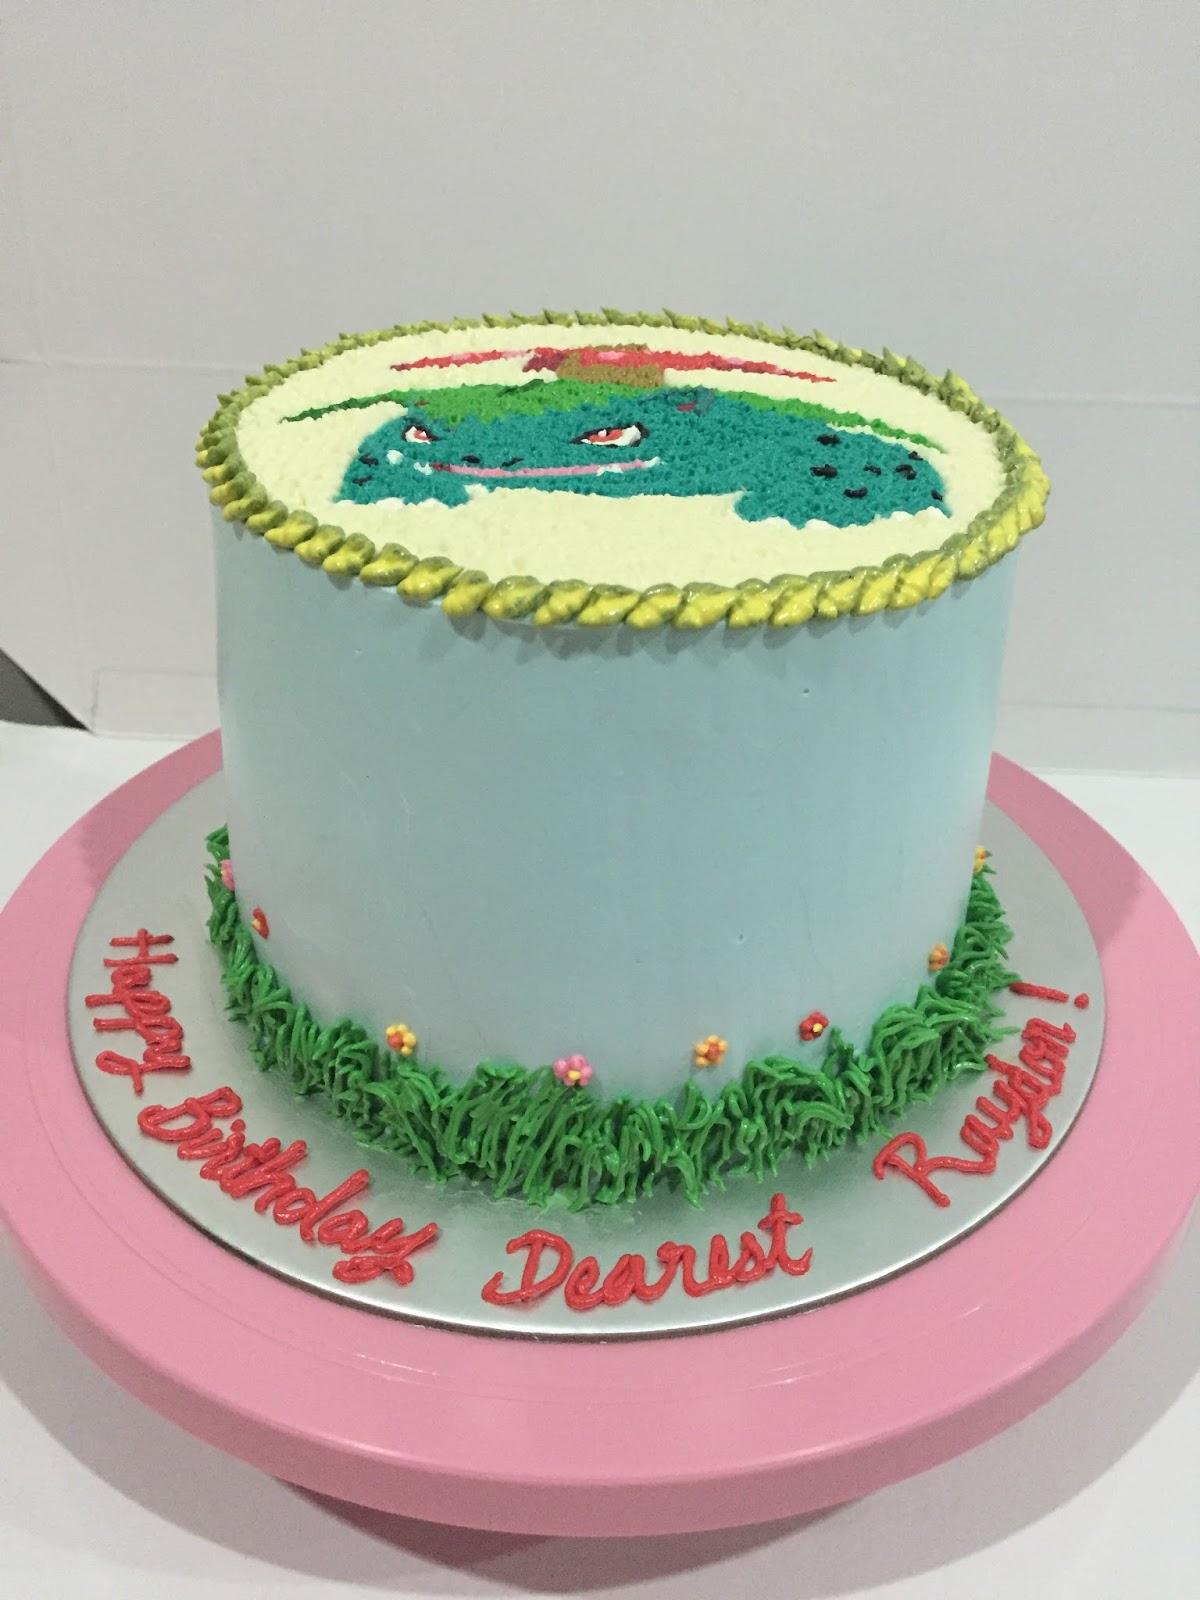 Cherish Bakes Venusaur Pokemon Birthday Cake